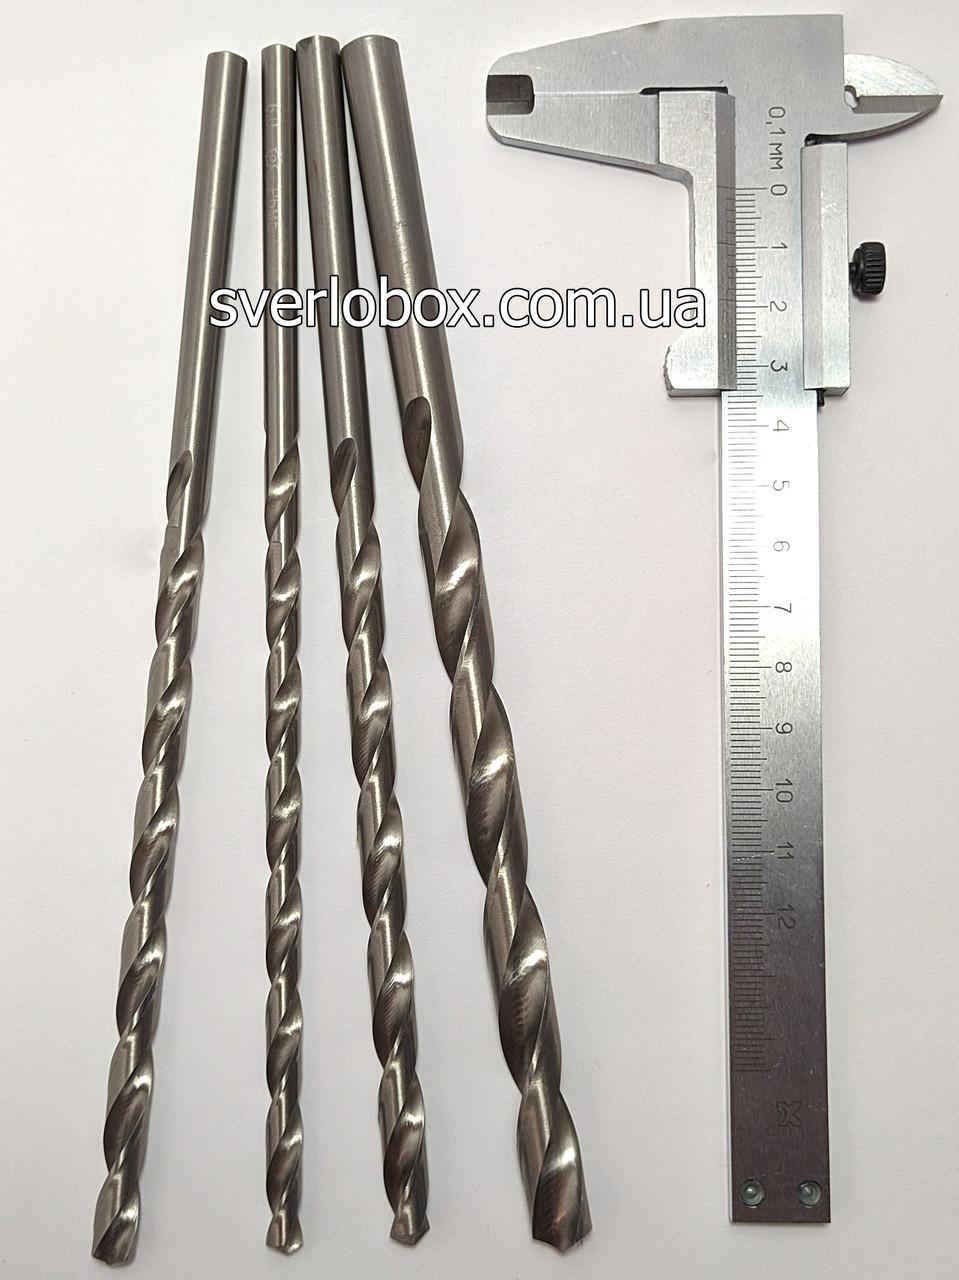 Сверло по металлу D 9 mm. L200 mm.